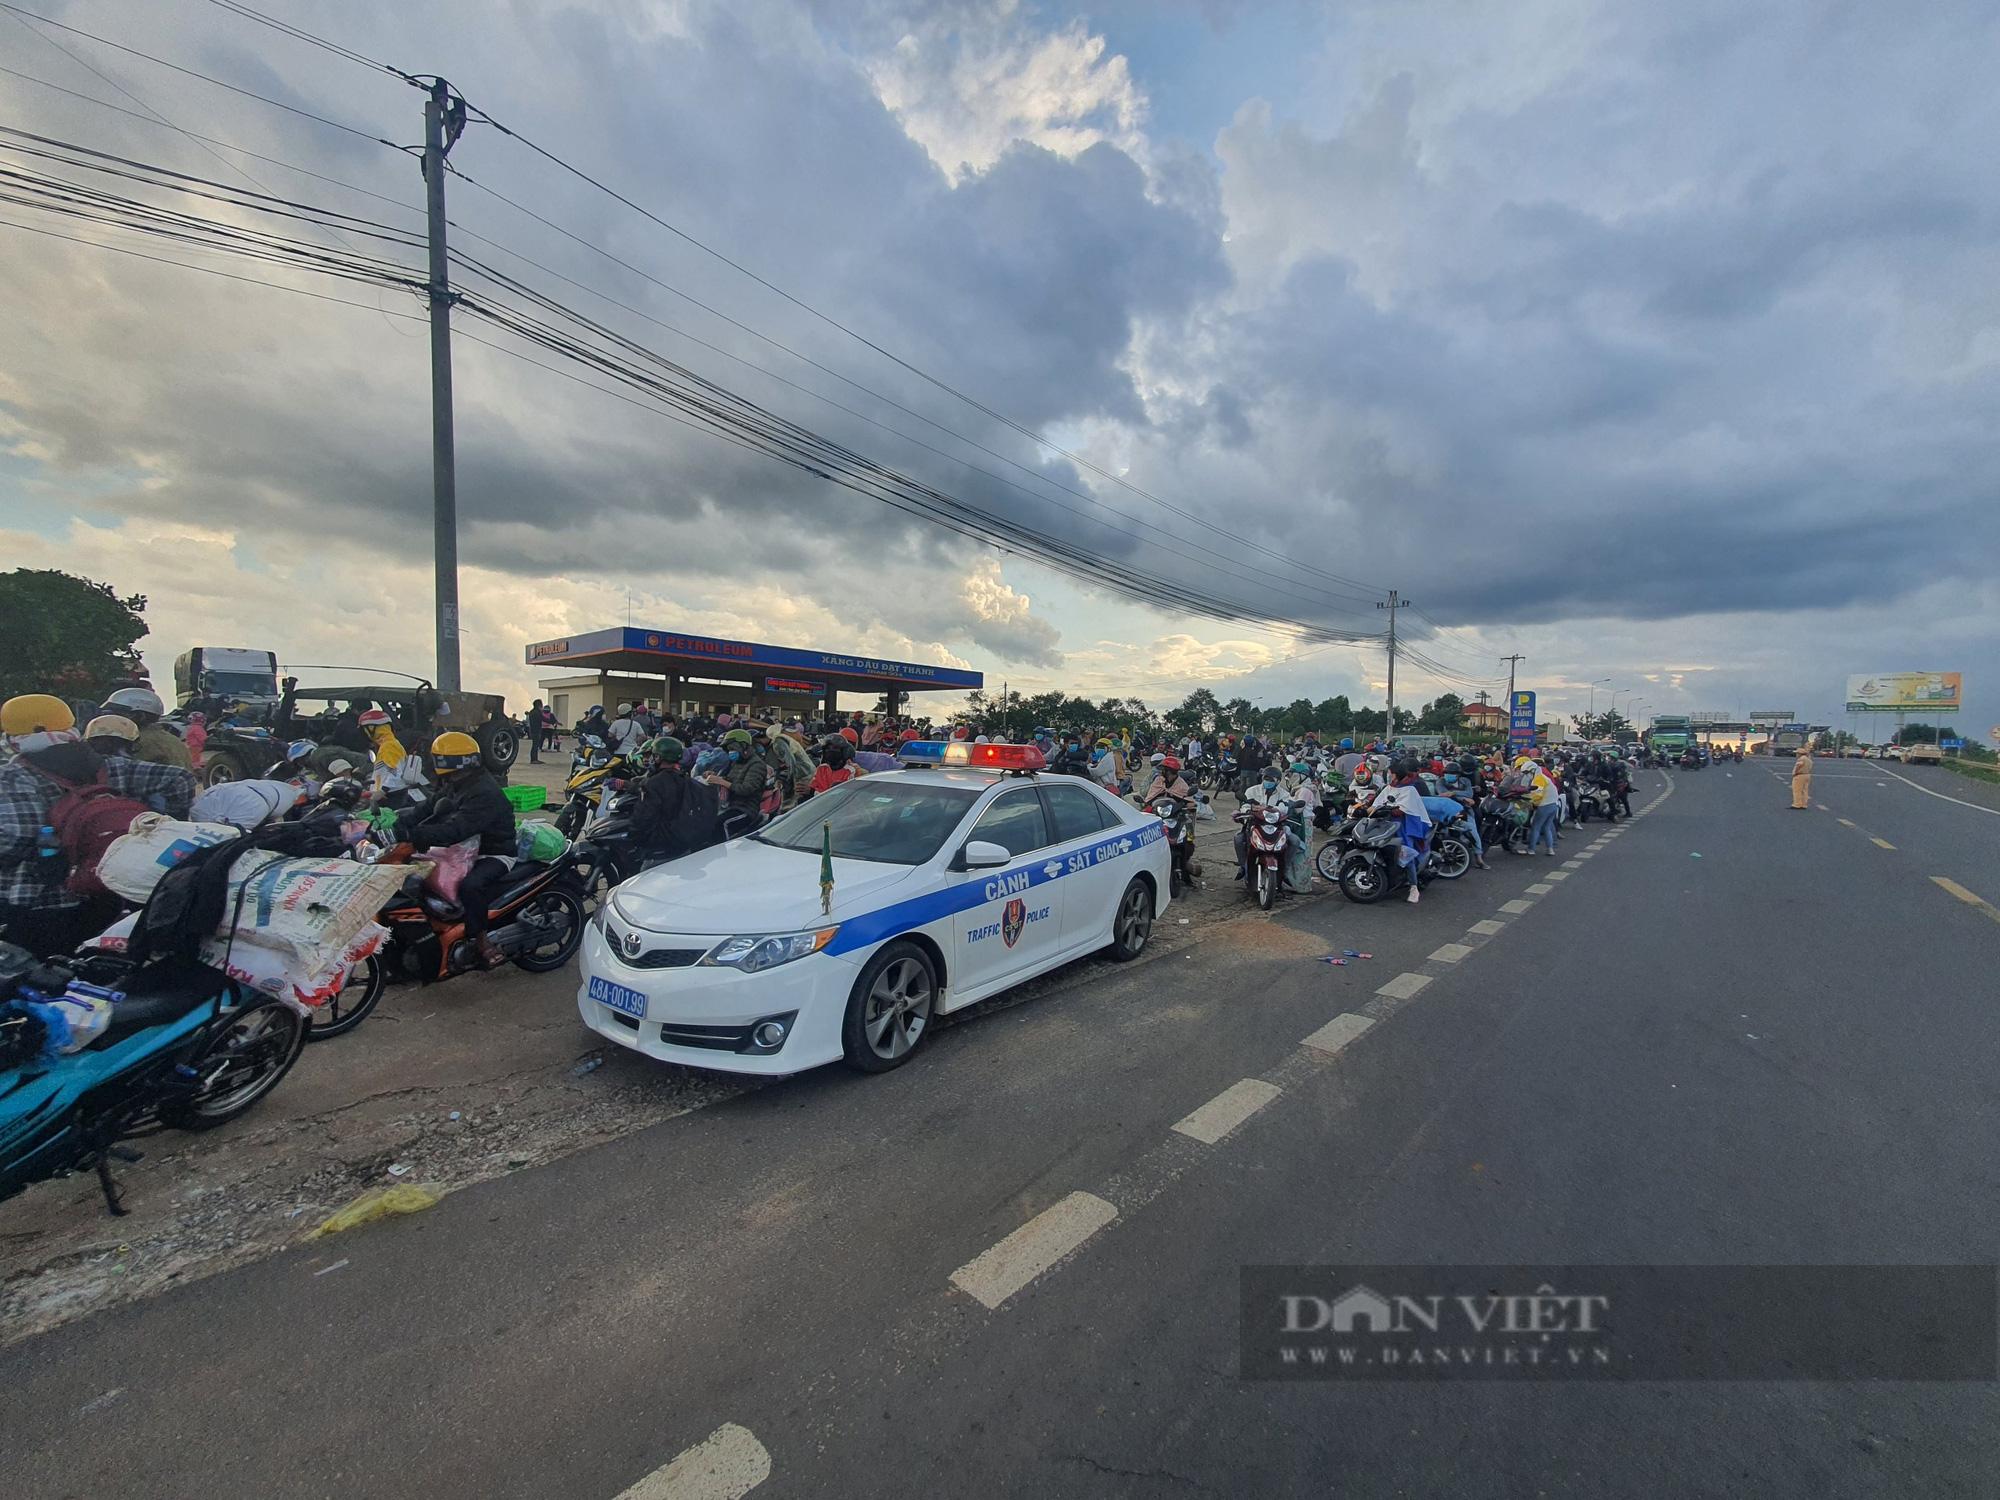 Đắk Lắk: Hủy kế hoạch đón công dân trở về vào phút chót, hàng trăm người kẹt lại giữa tâm dịch Sài Gòn - Ảnh 2.